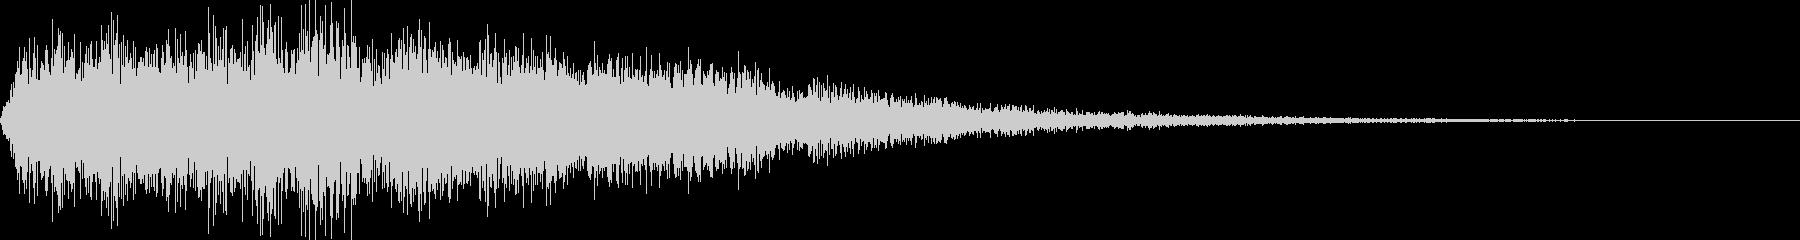 電車のクラクション(プアーンと鳴らす)の未再生の波形